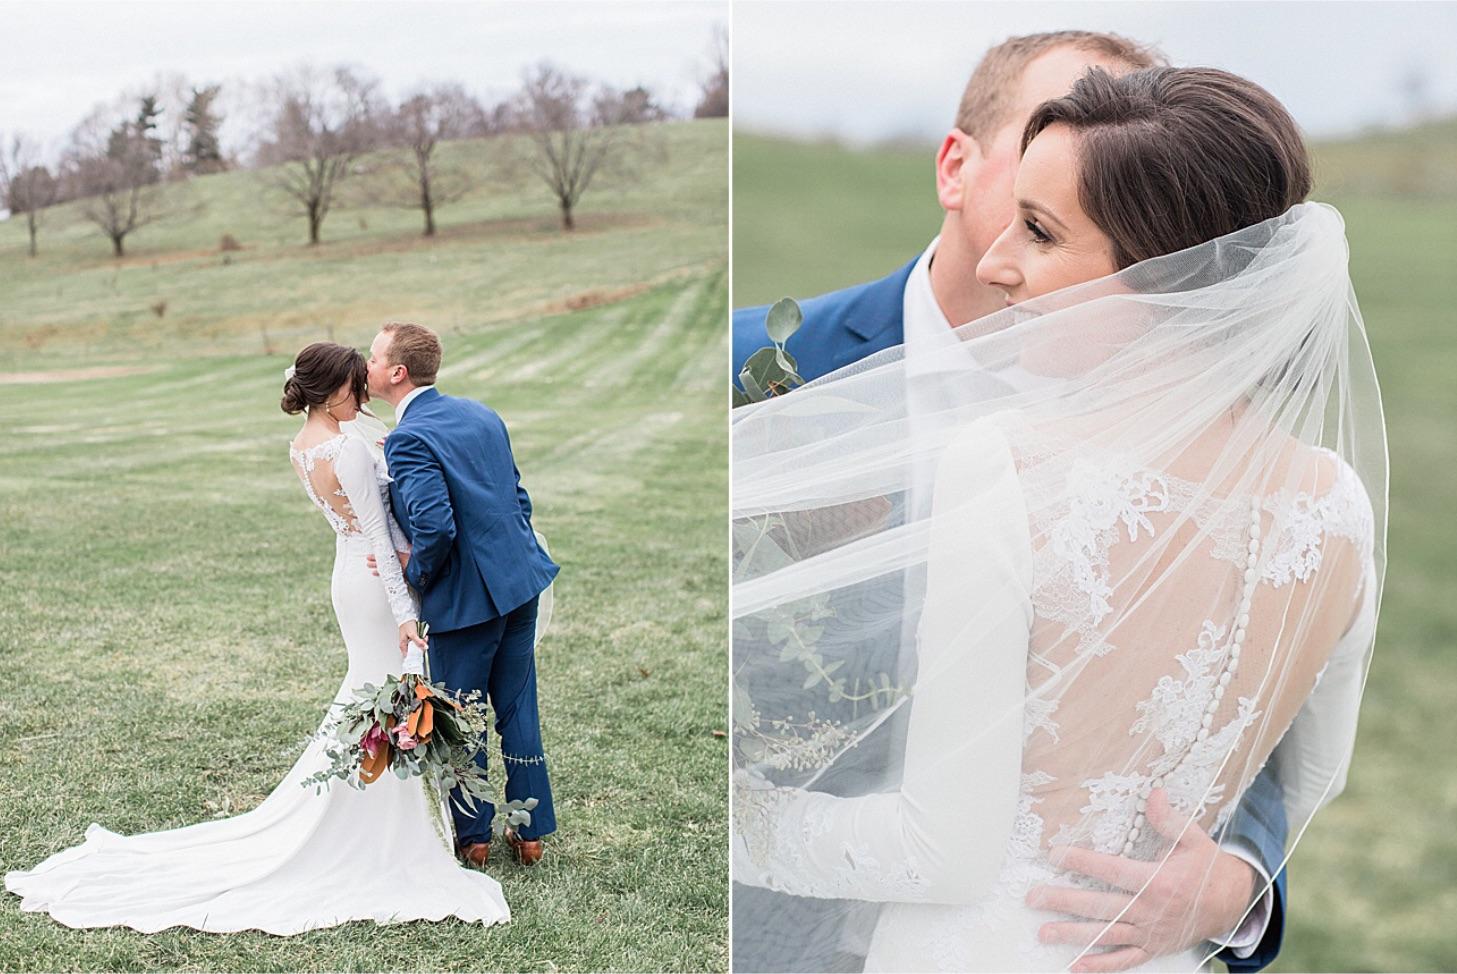 bride amd groom wedding at gibbett hill.jpg